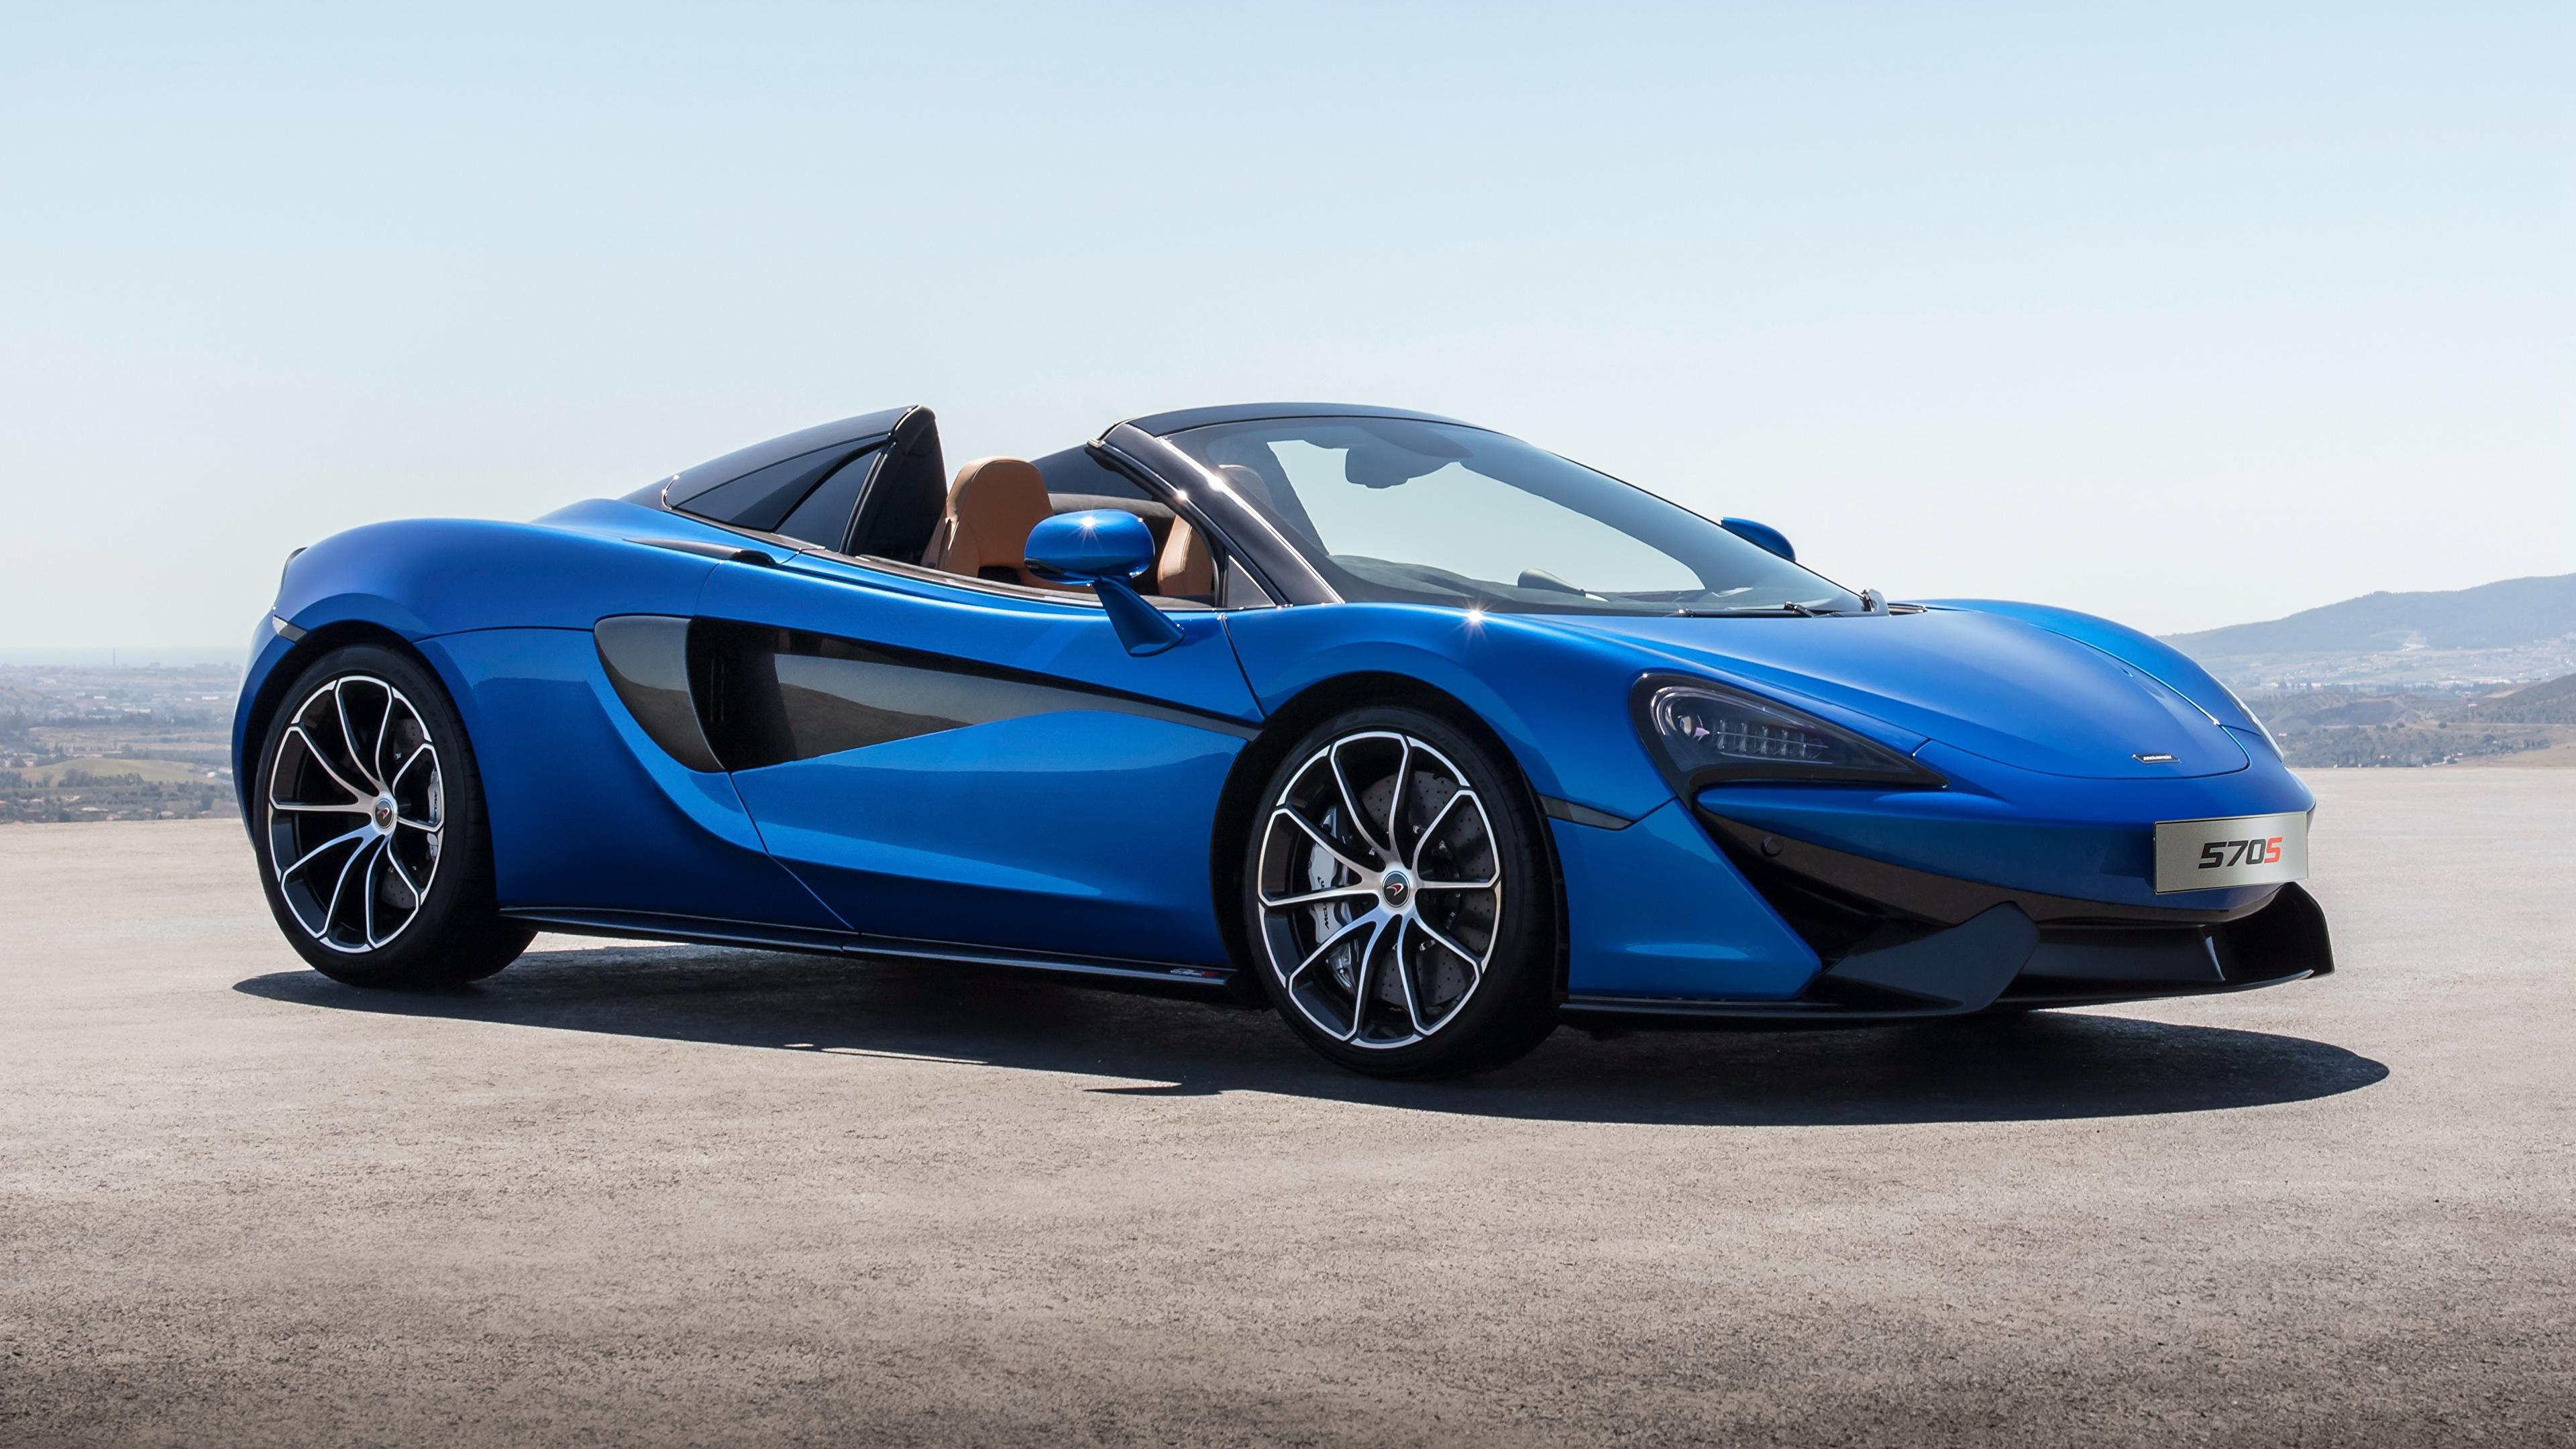 Картинки McLaren 2017 570S Spider Worldwide Родстер синие Автомобили 3840x2160 Макларен синих Синий синяя авто машина машины автомобиль